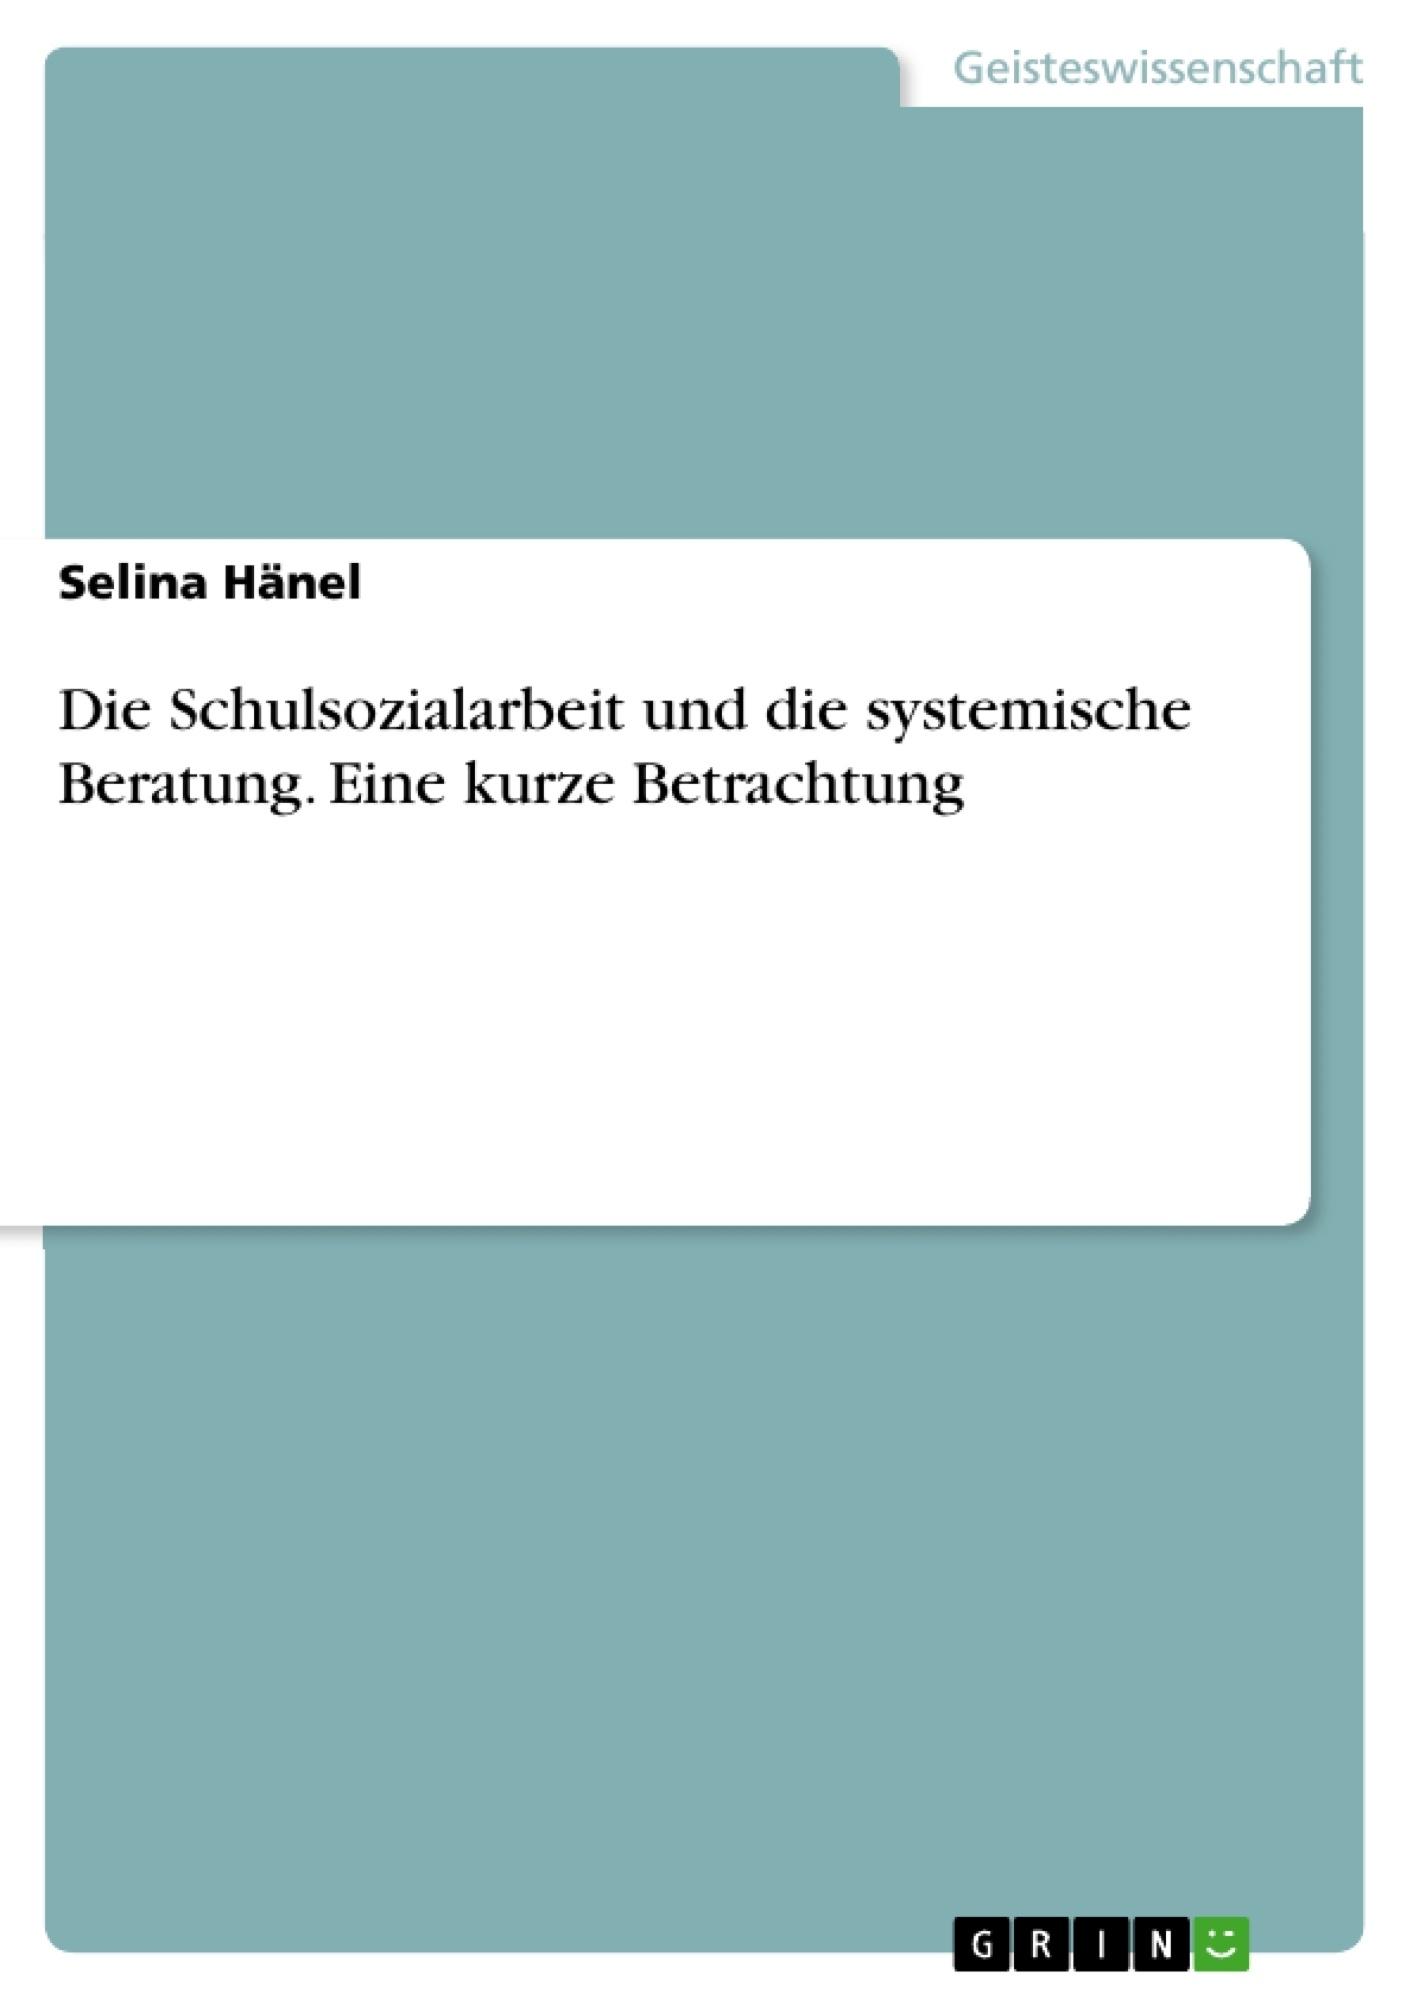 Titel: Die Schulsozialarbeit und die systemische Beratung. Eine kurze Betrachtung